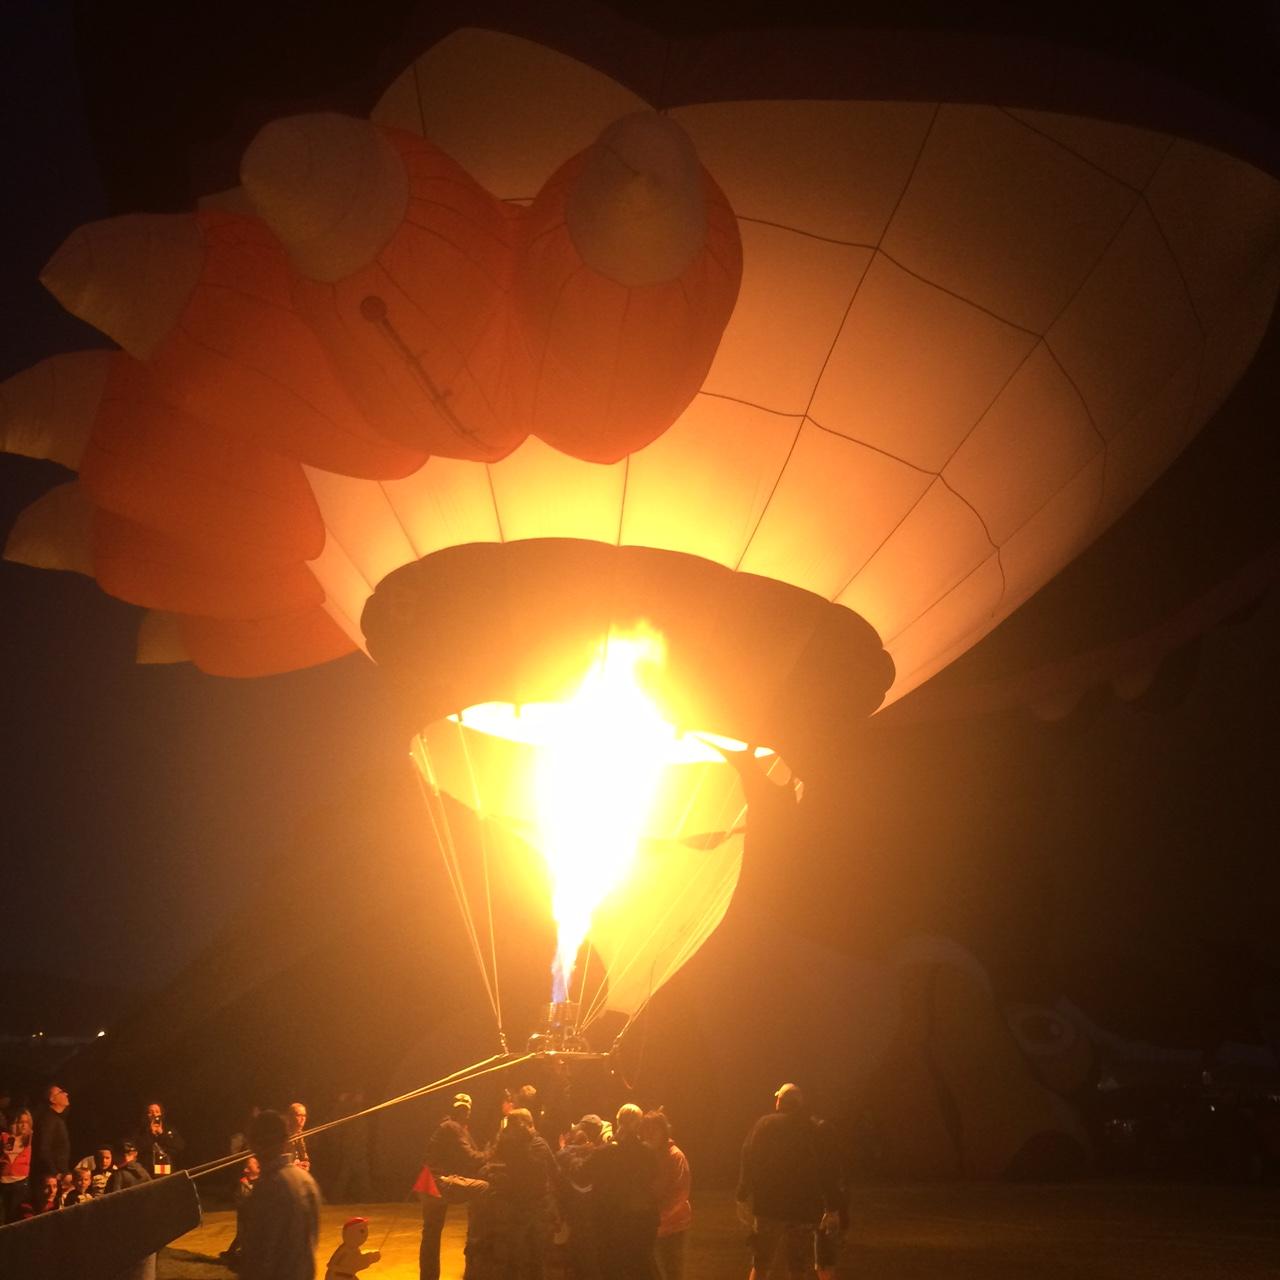 Balloon Fiesta_452656